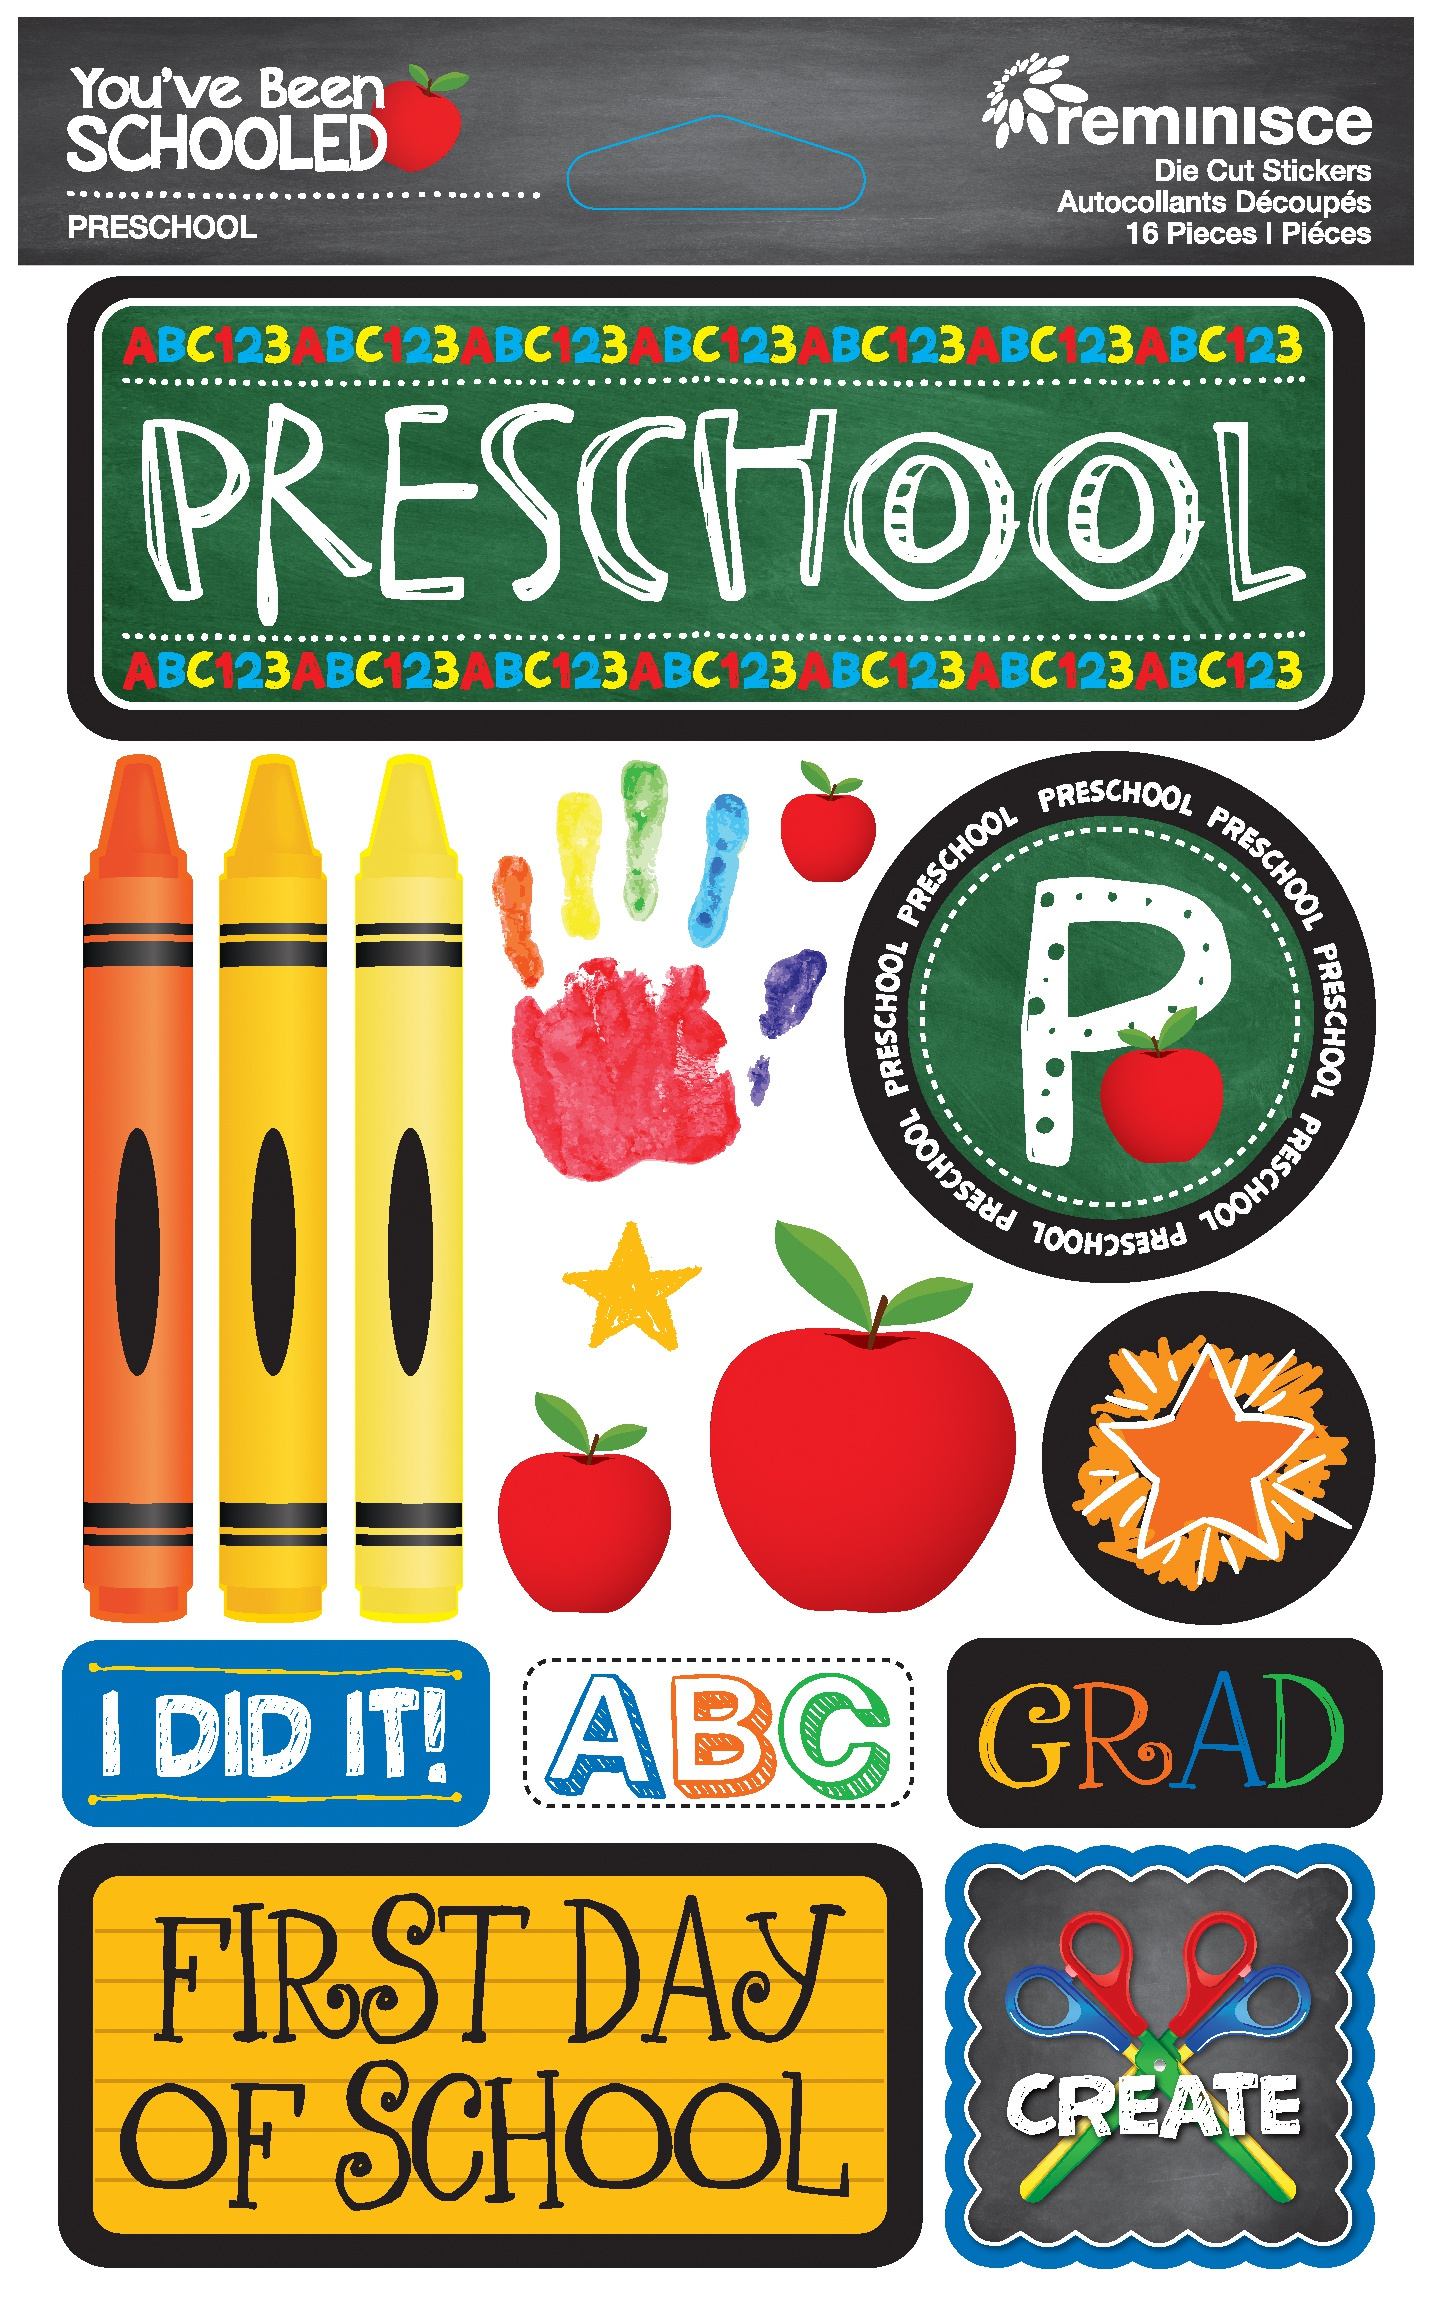 Reminisce You've Been Schooled - Preschool 3D Dimensional Stickers